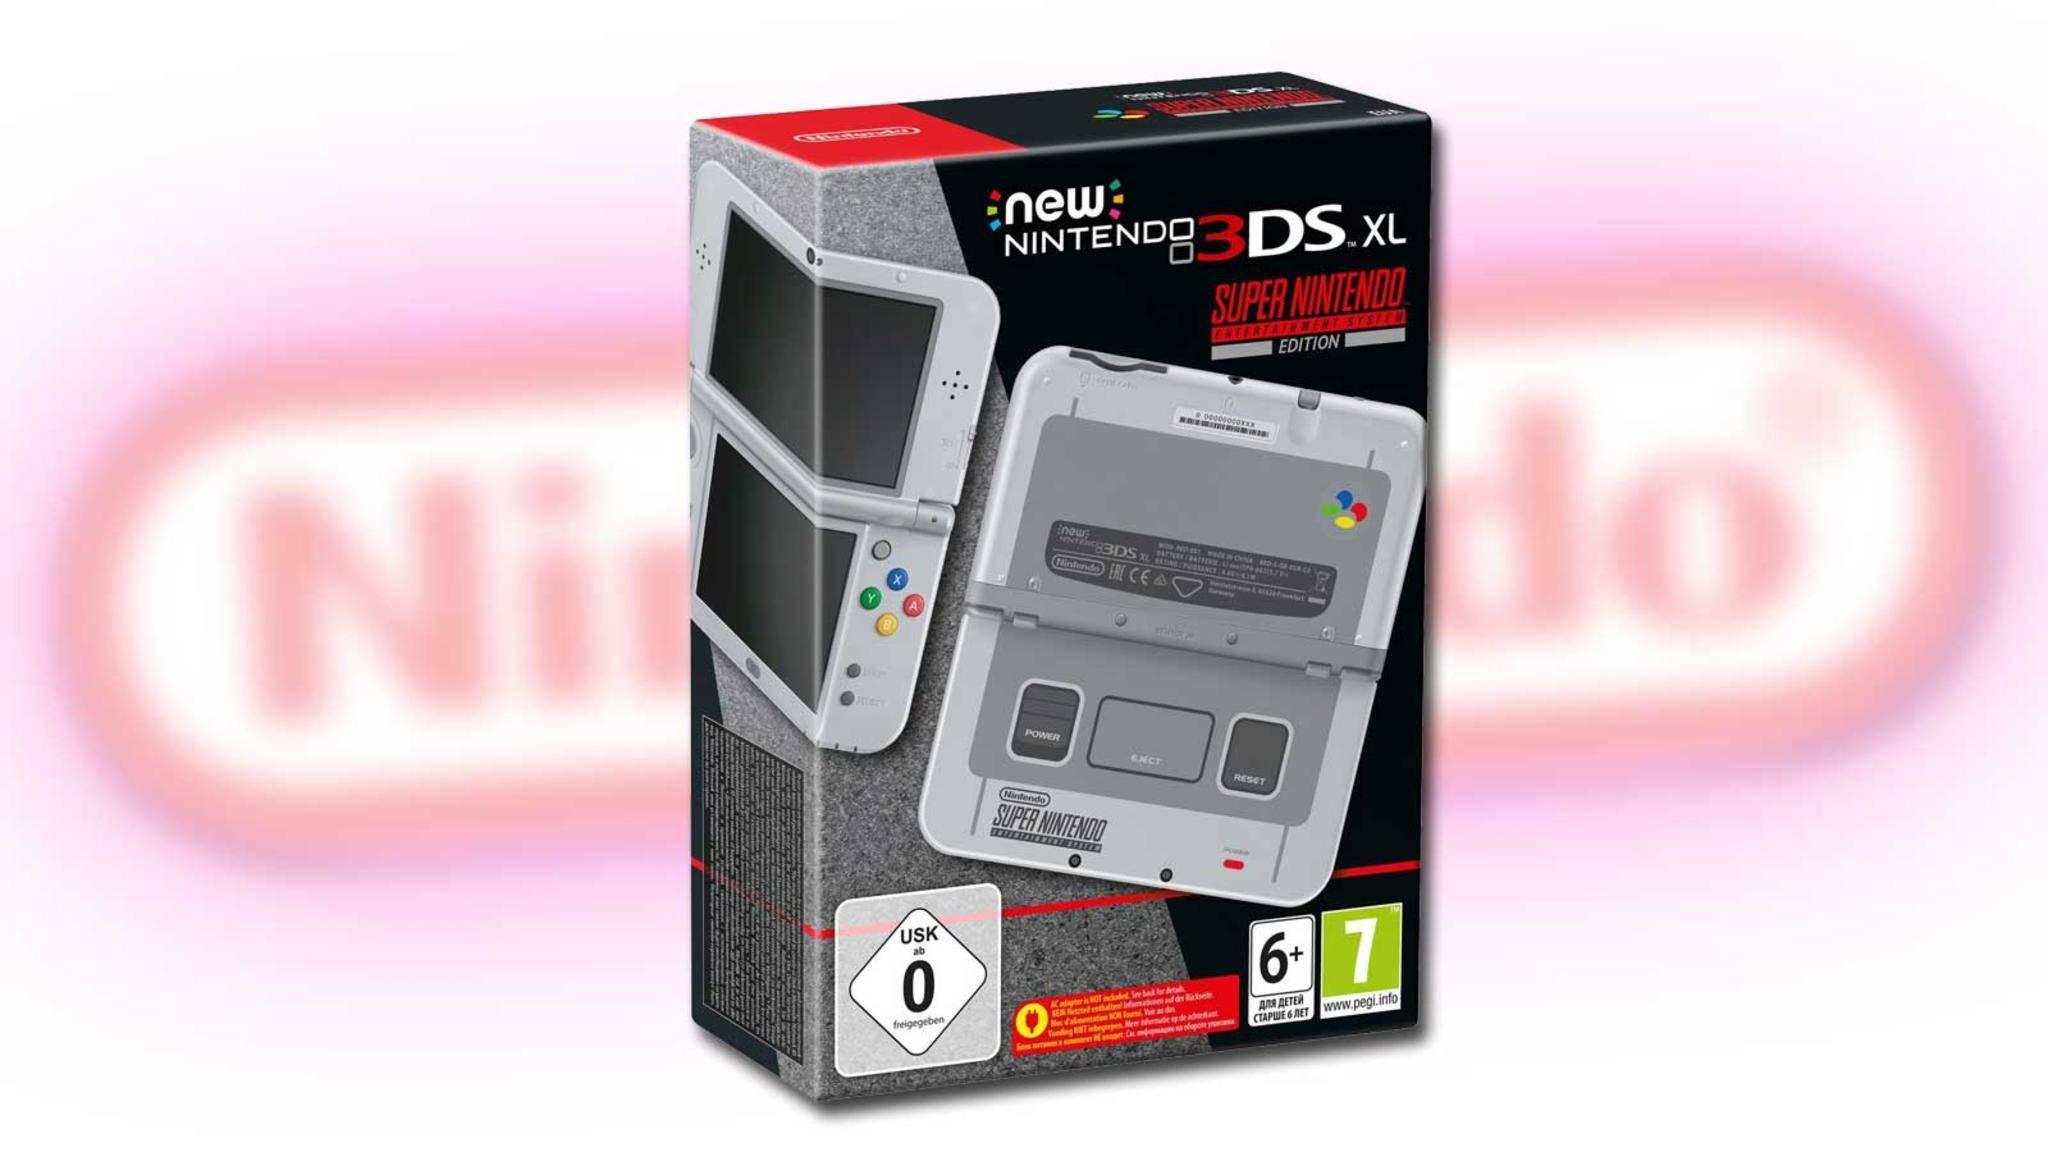 Retro sei das Handheld! Der New Nintendo 3DS XL bekommt eine Variante im SNES-Design.